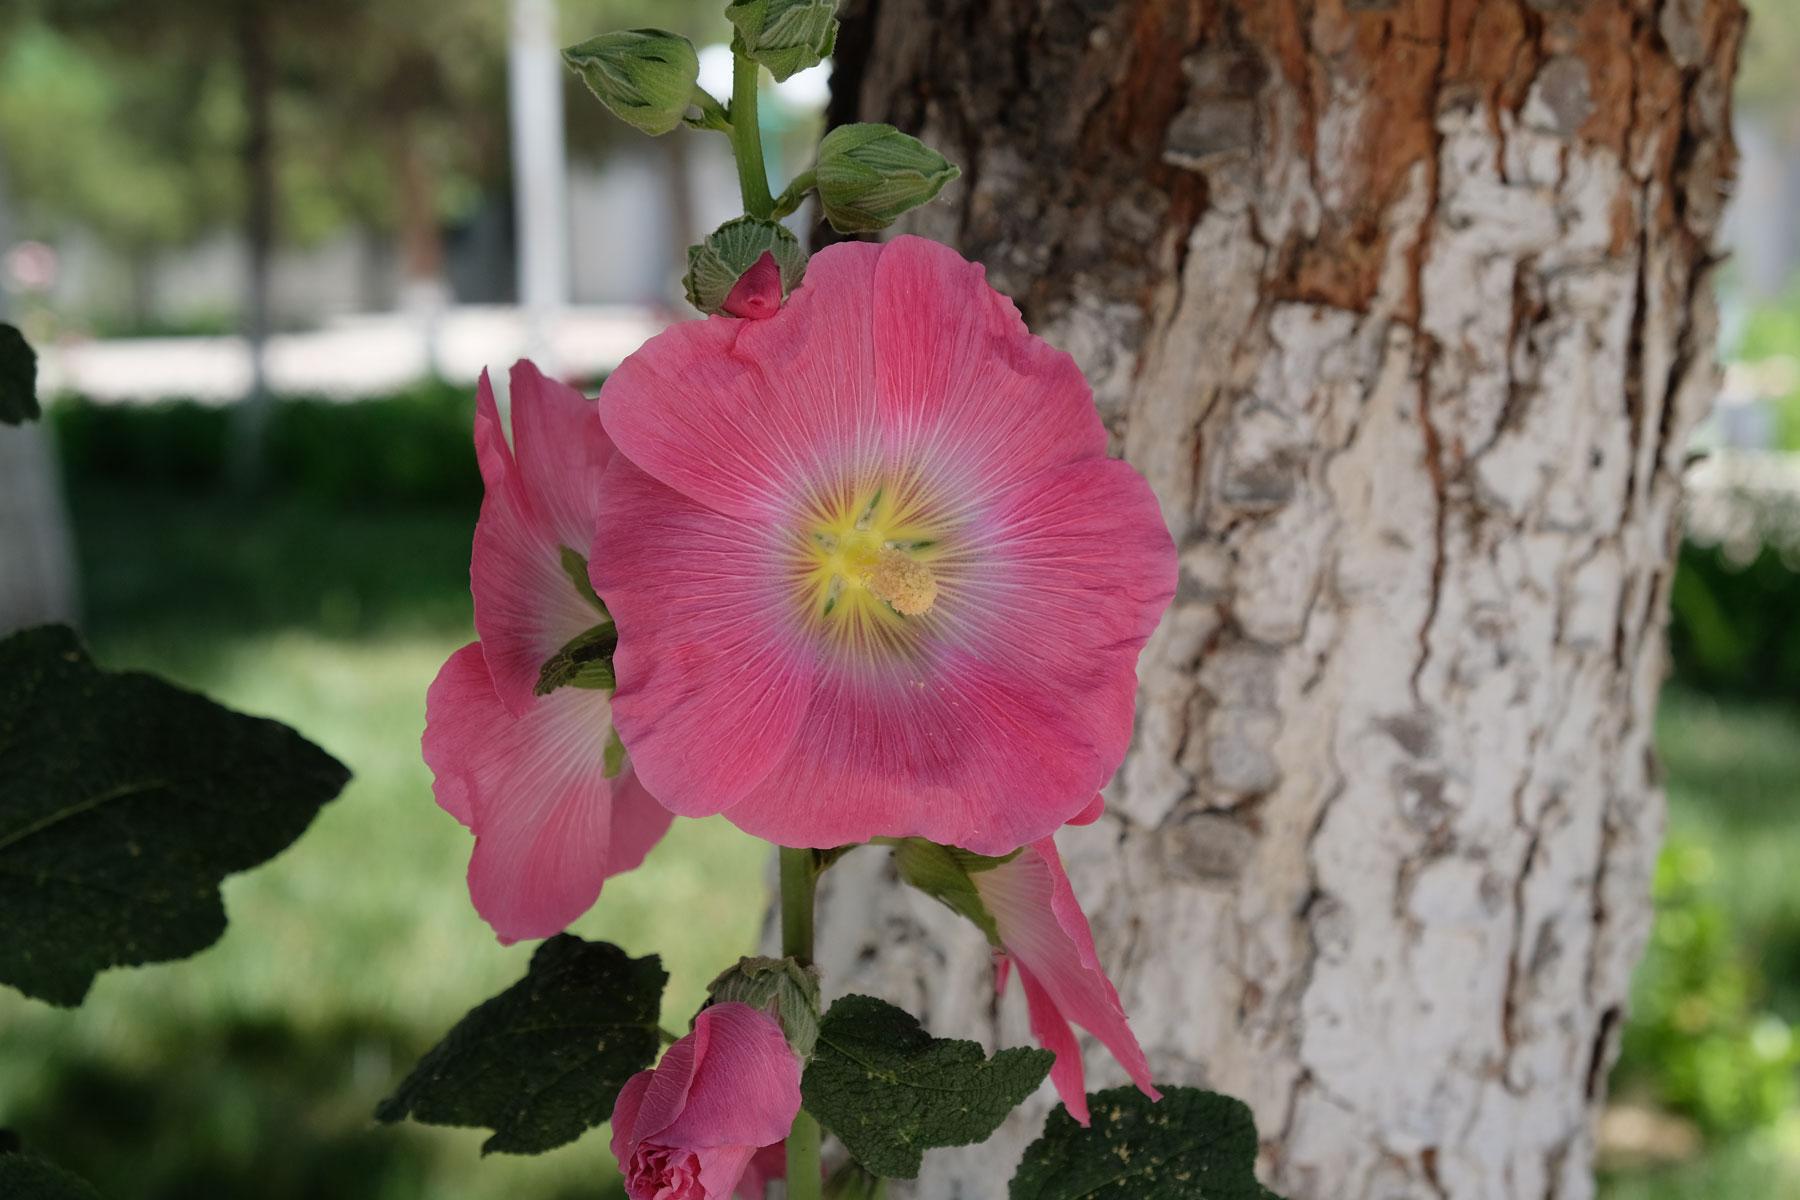 Hübsche Blume - weiß jemand, wie sie heißt?